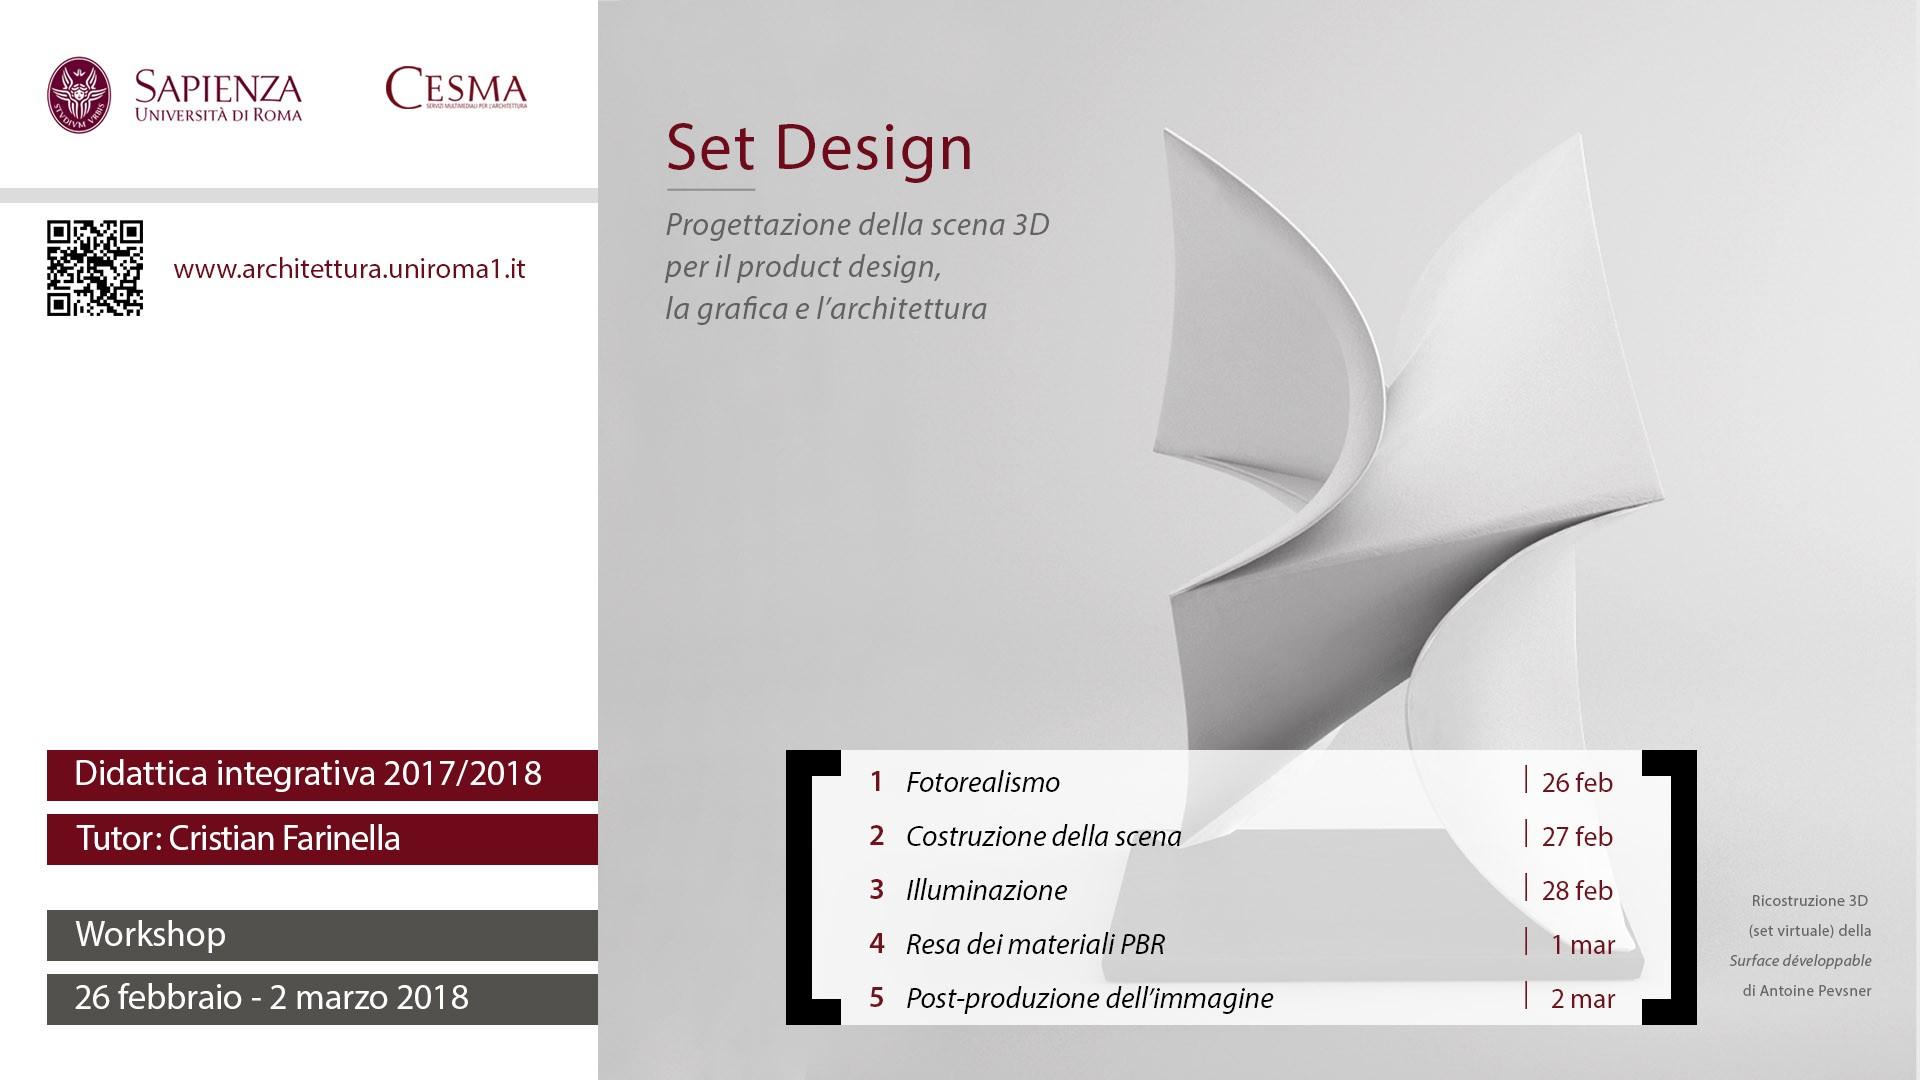 CESMA 2018 Set design pro tazione della scena 3D per il product design la grafica e l architettura